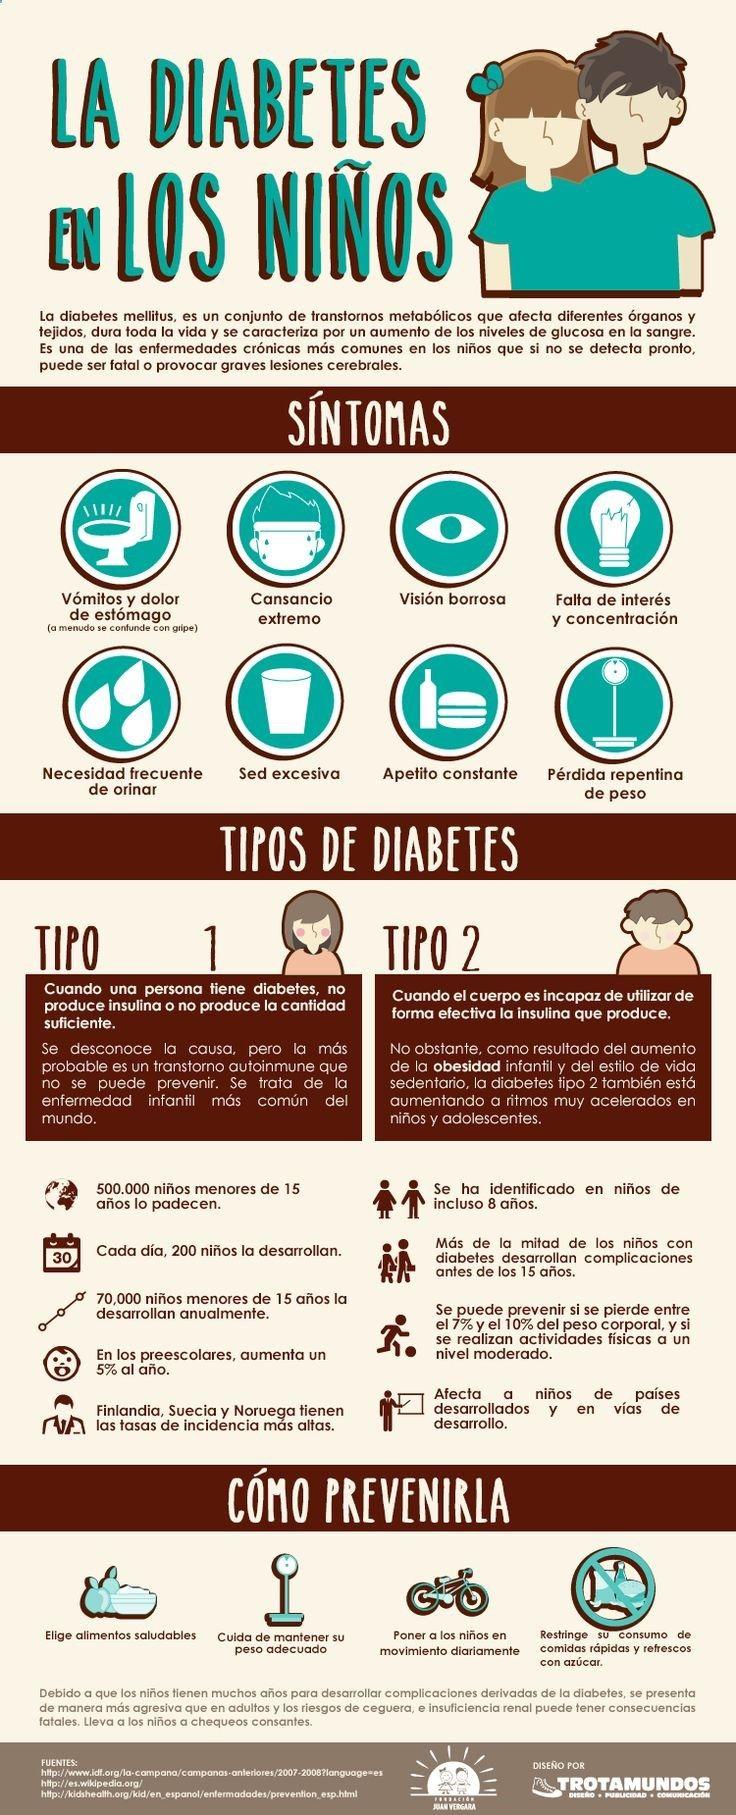 La diabetes en niños. Síntomas, tipos y prevención. #